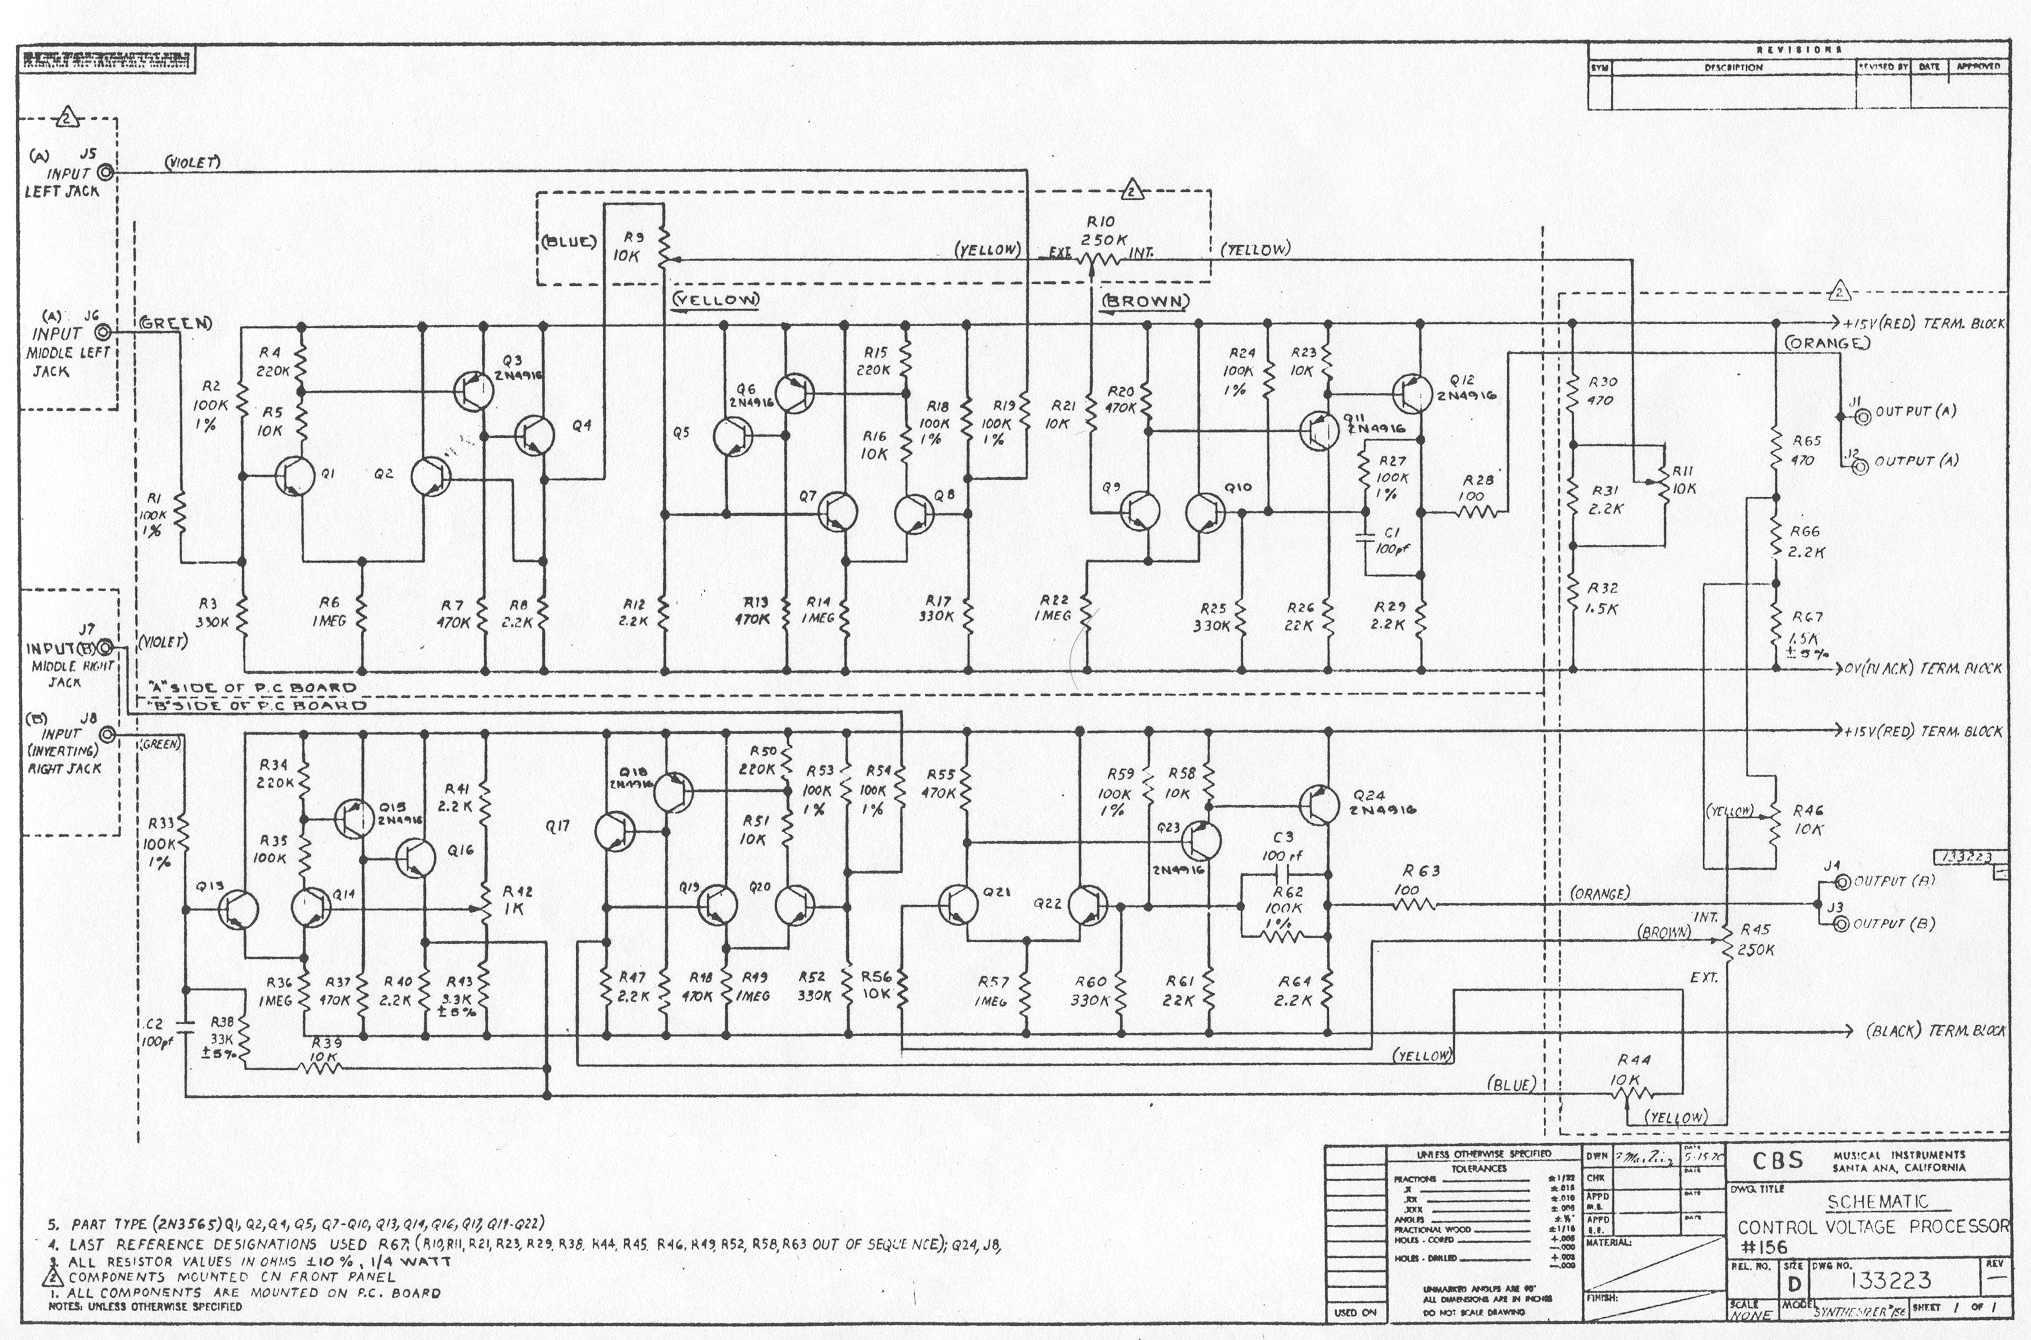 < Tube experimenter board | Schematics | Arp 4035 VCF > < Tube experimenter  board | Listbytype | Paia Gator >